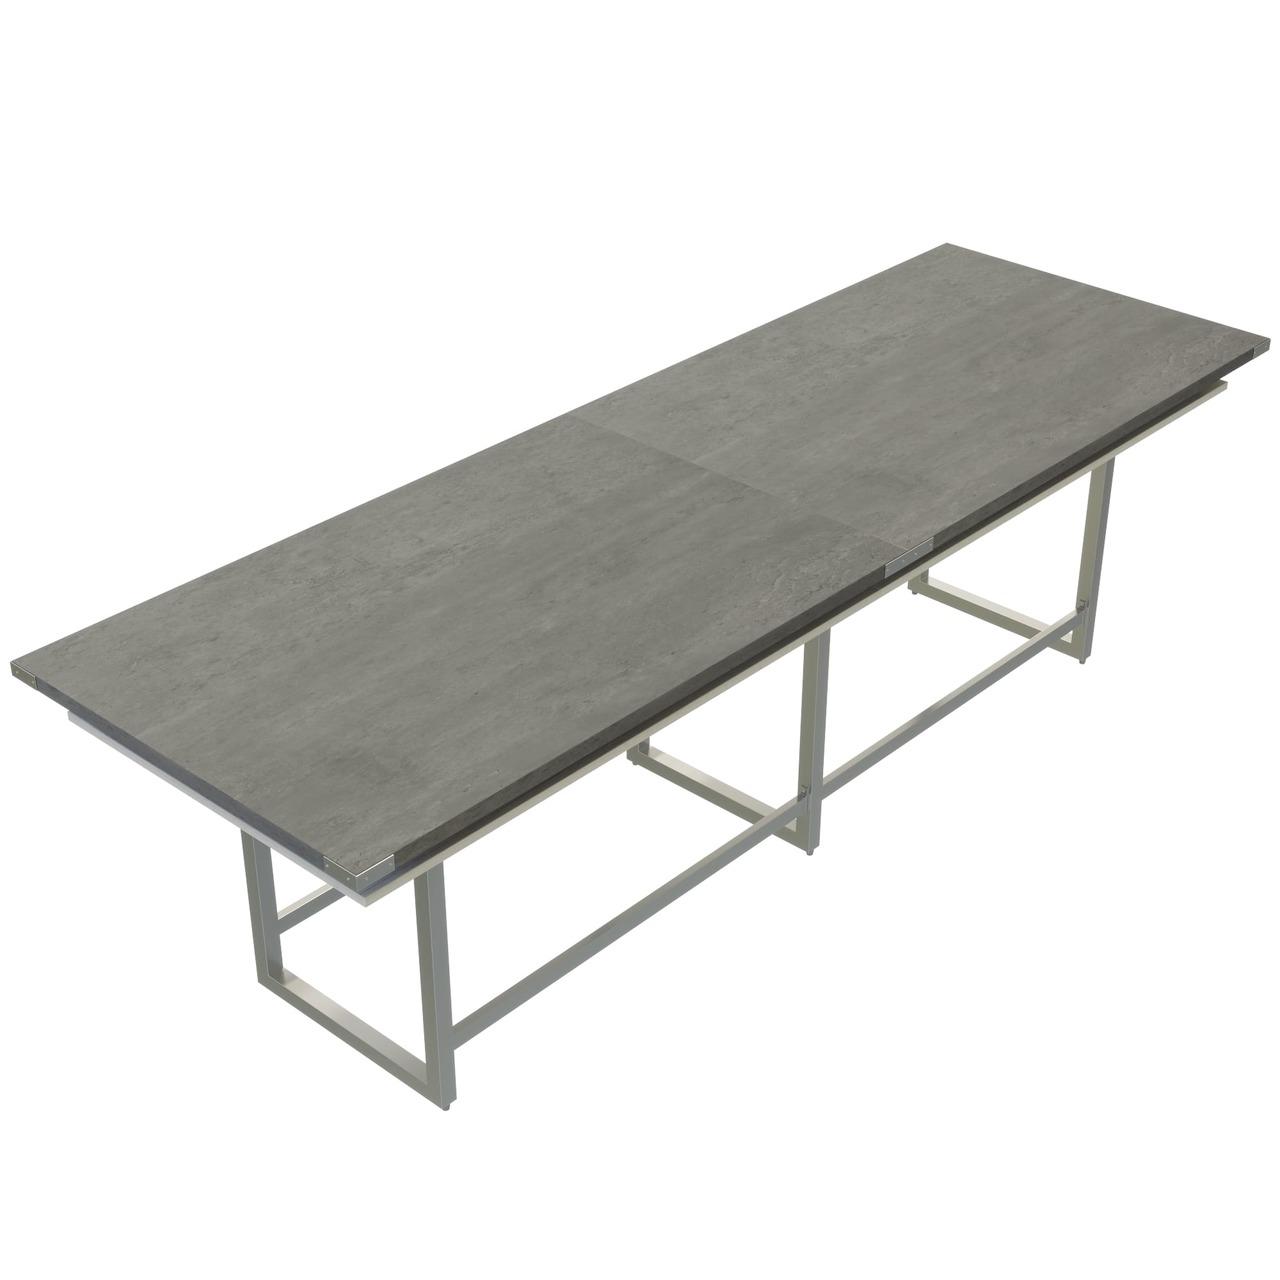 mirella stone gray conference table